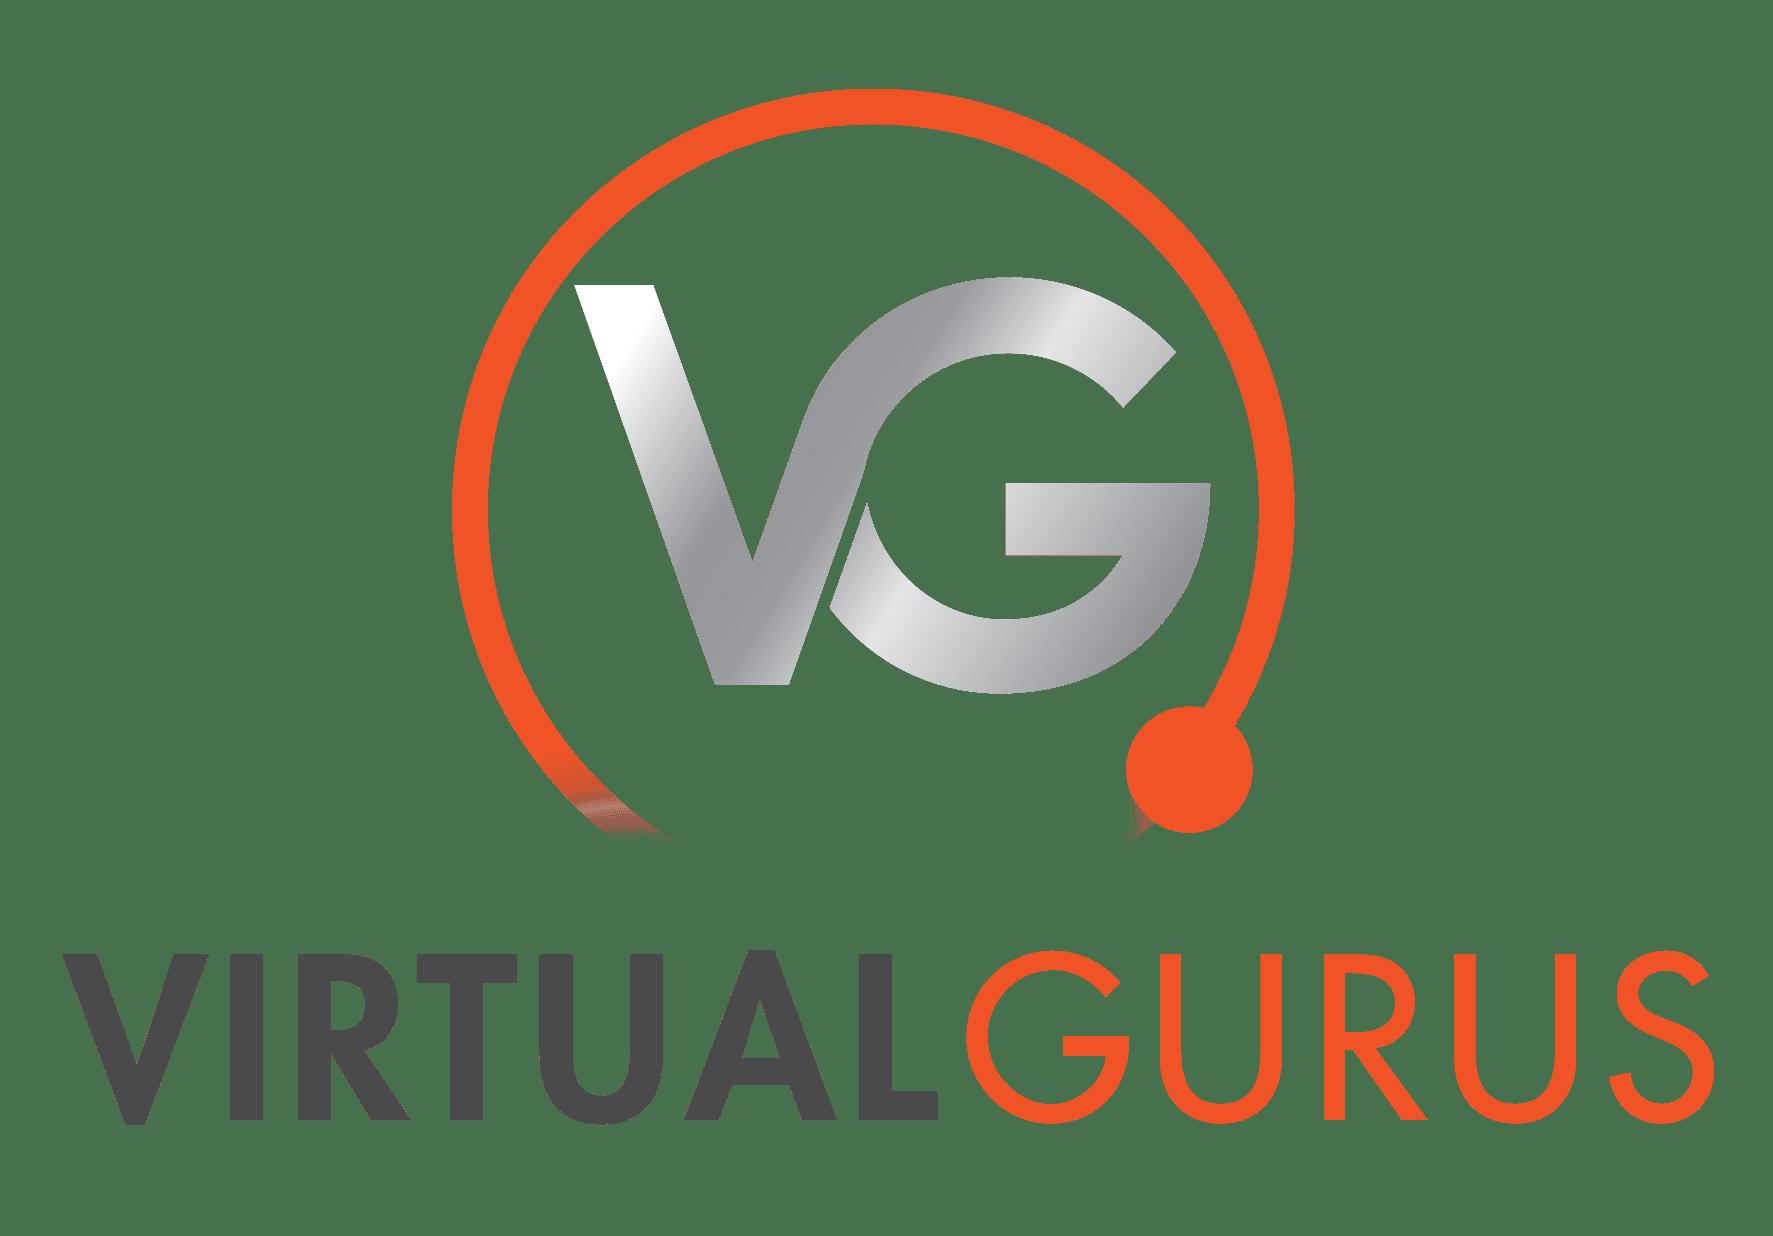 Virtual Gurus